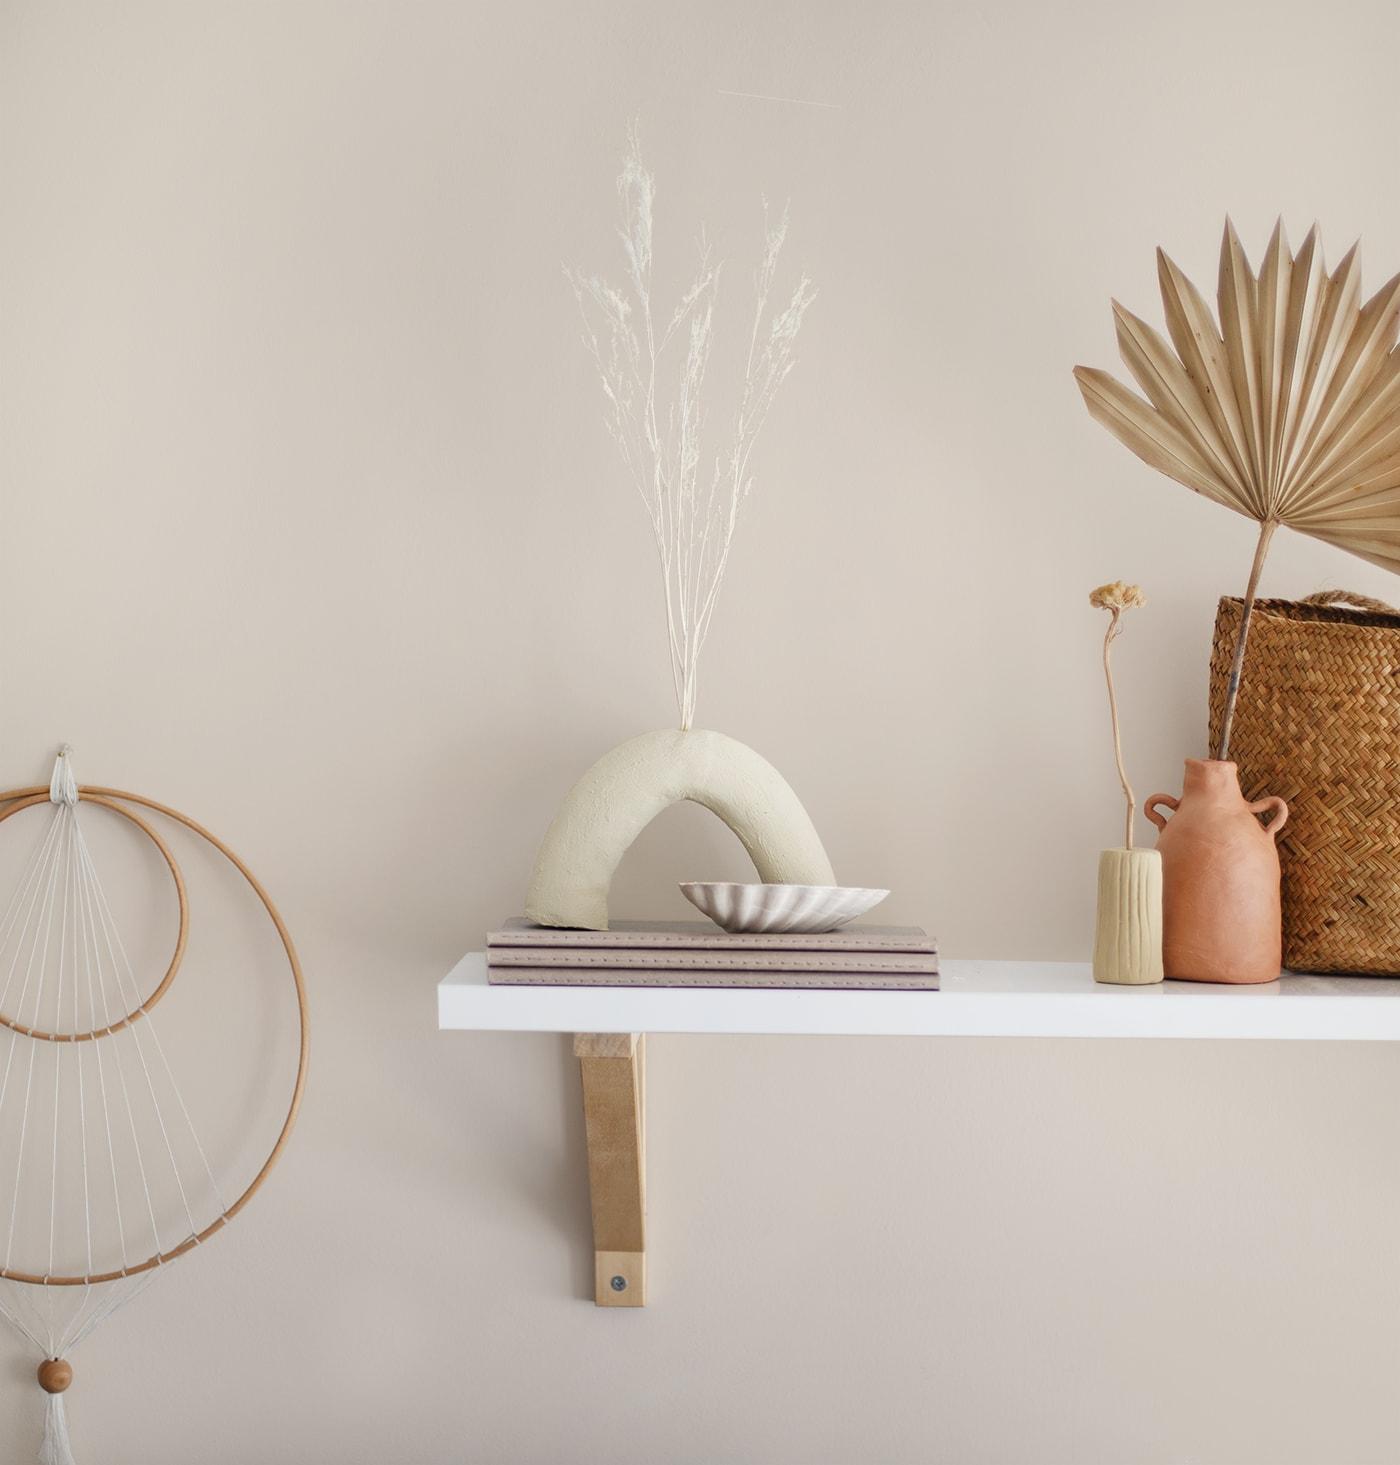 DIY Quirky Clay Vases